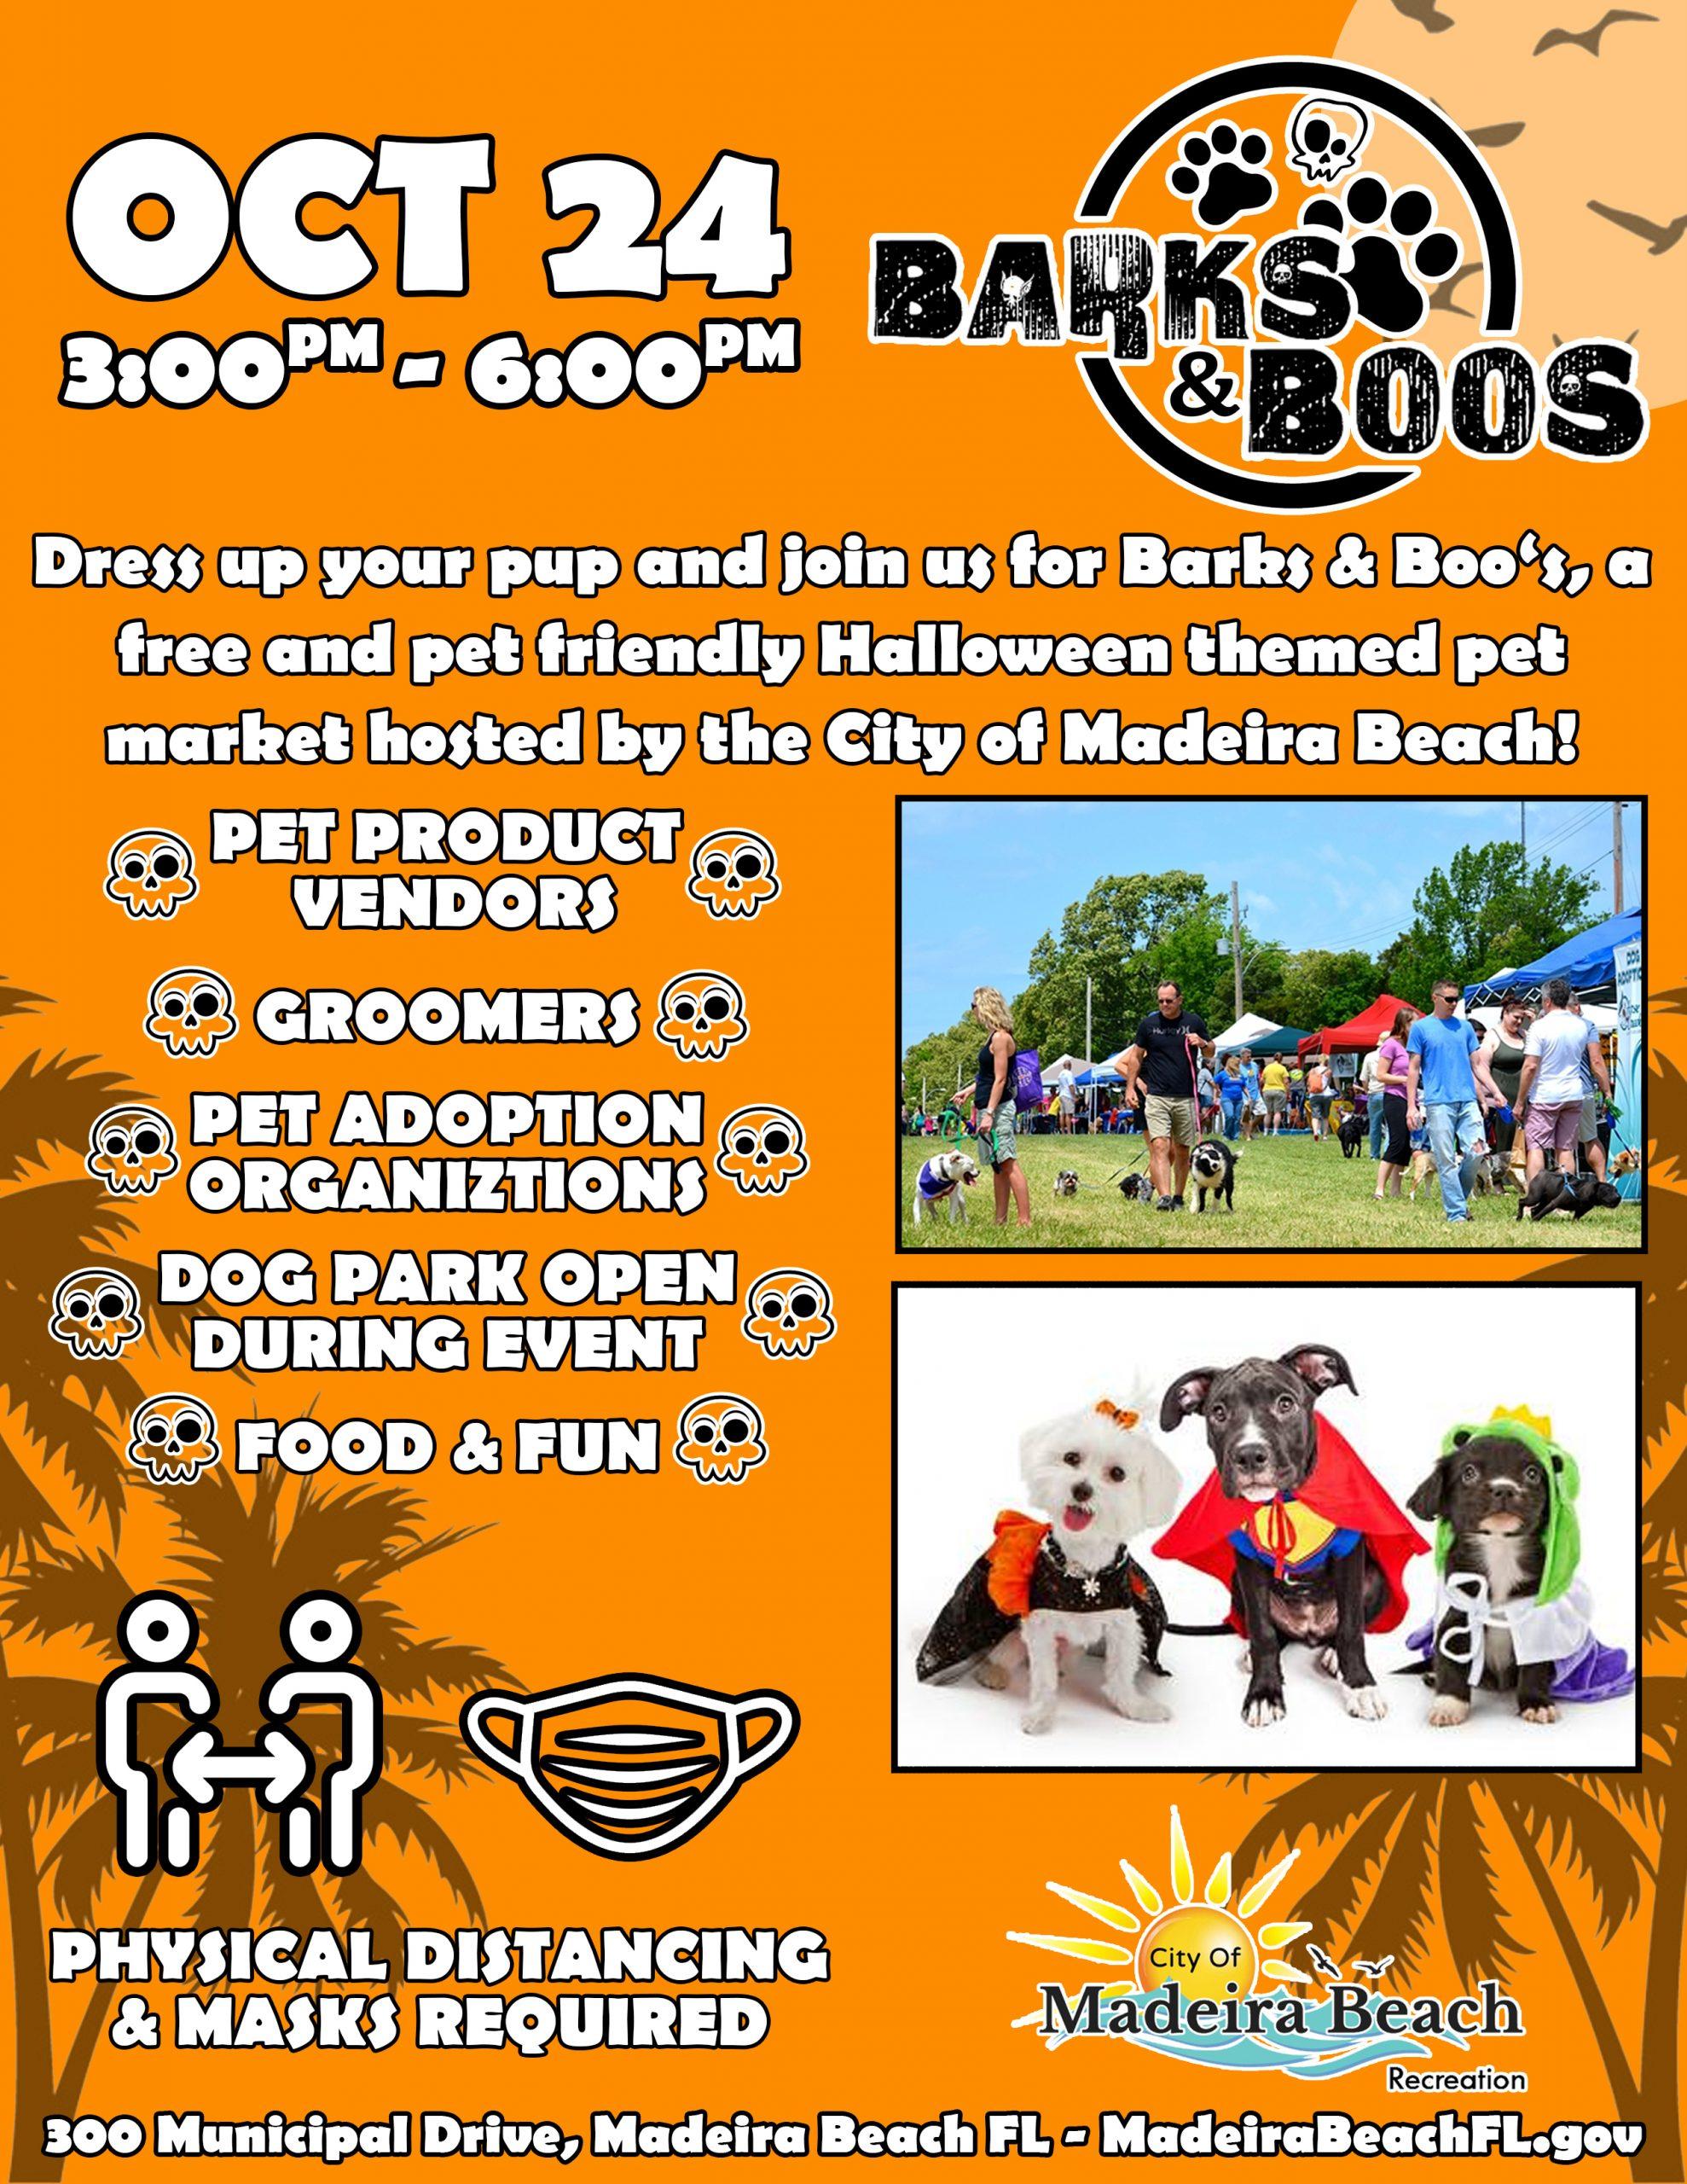 Dog Friendly Halloween Events 2020 Barks & Boo's : Halloween Pet Market   Madeira Beach, FL